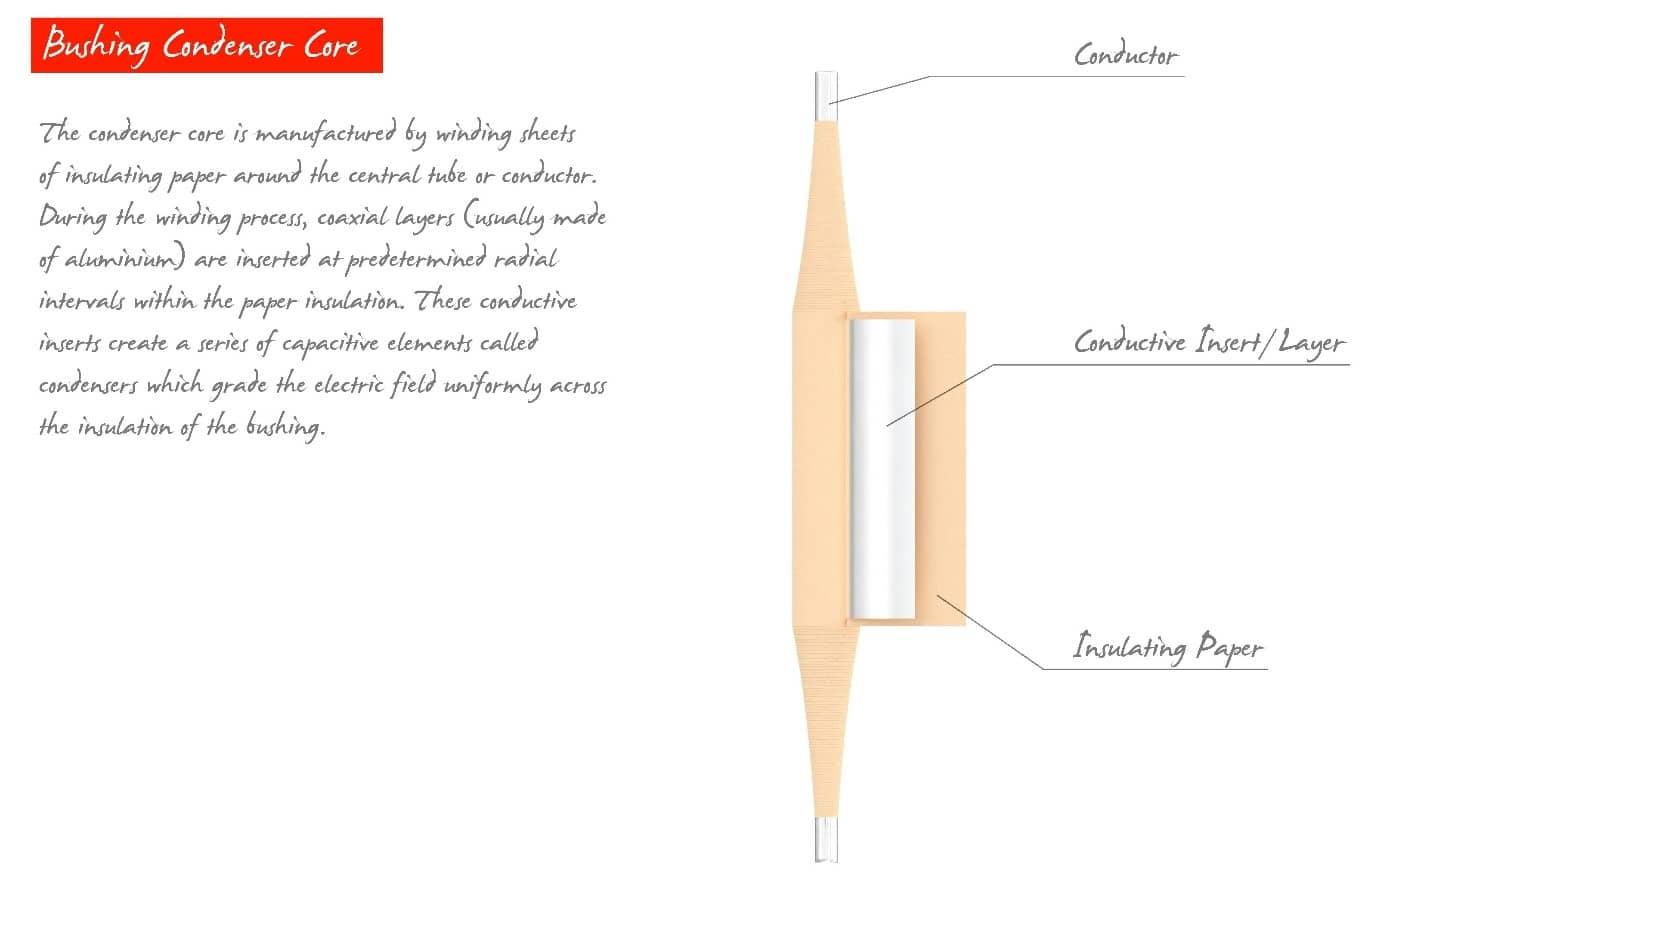 Condenser Core